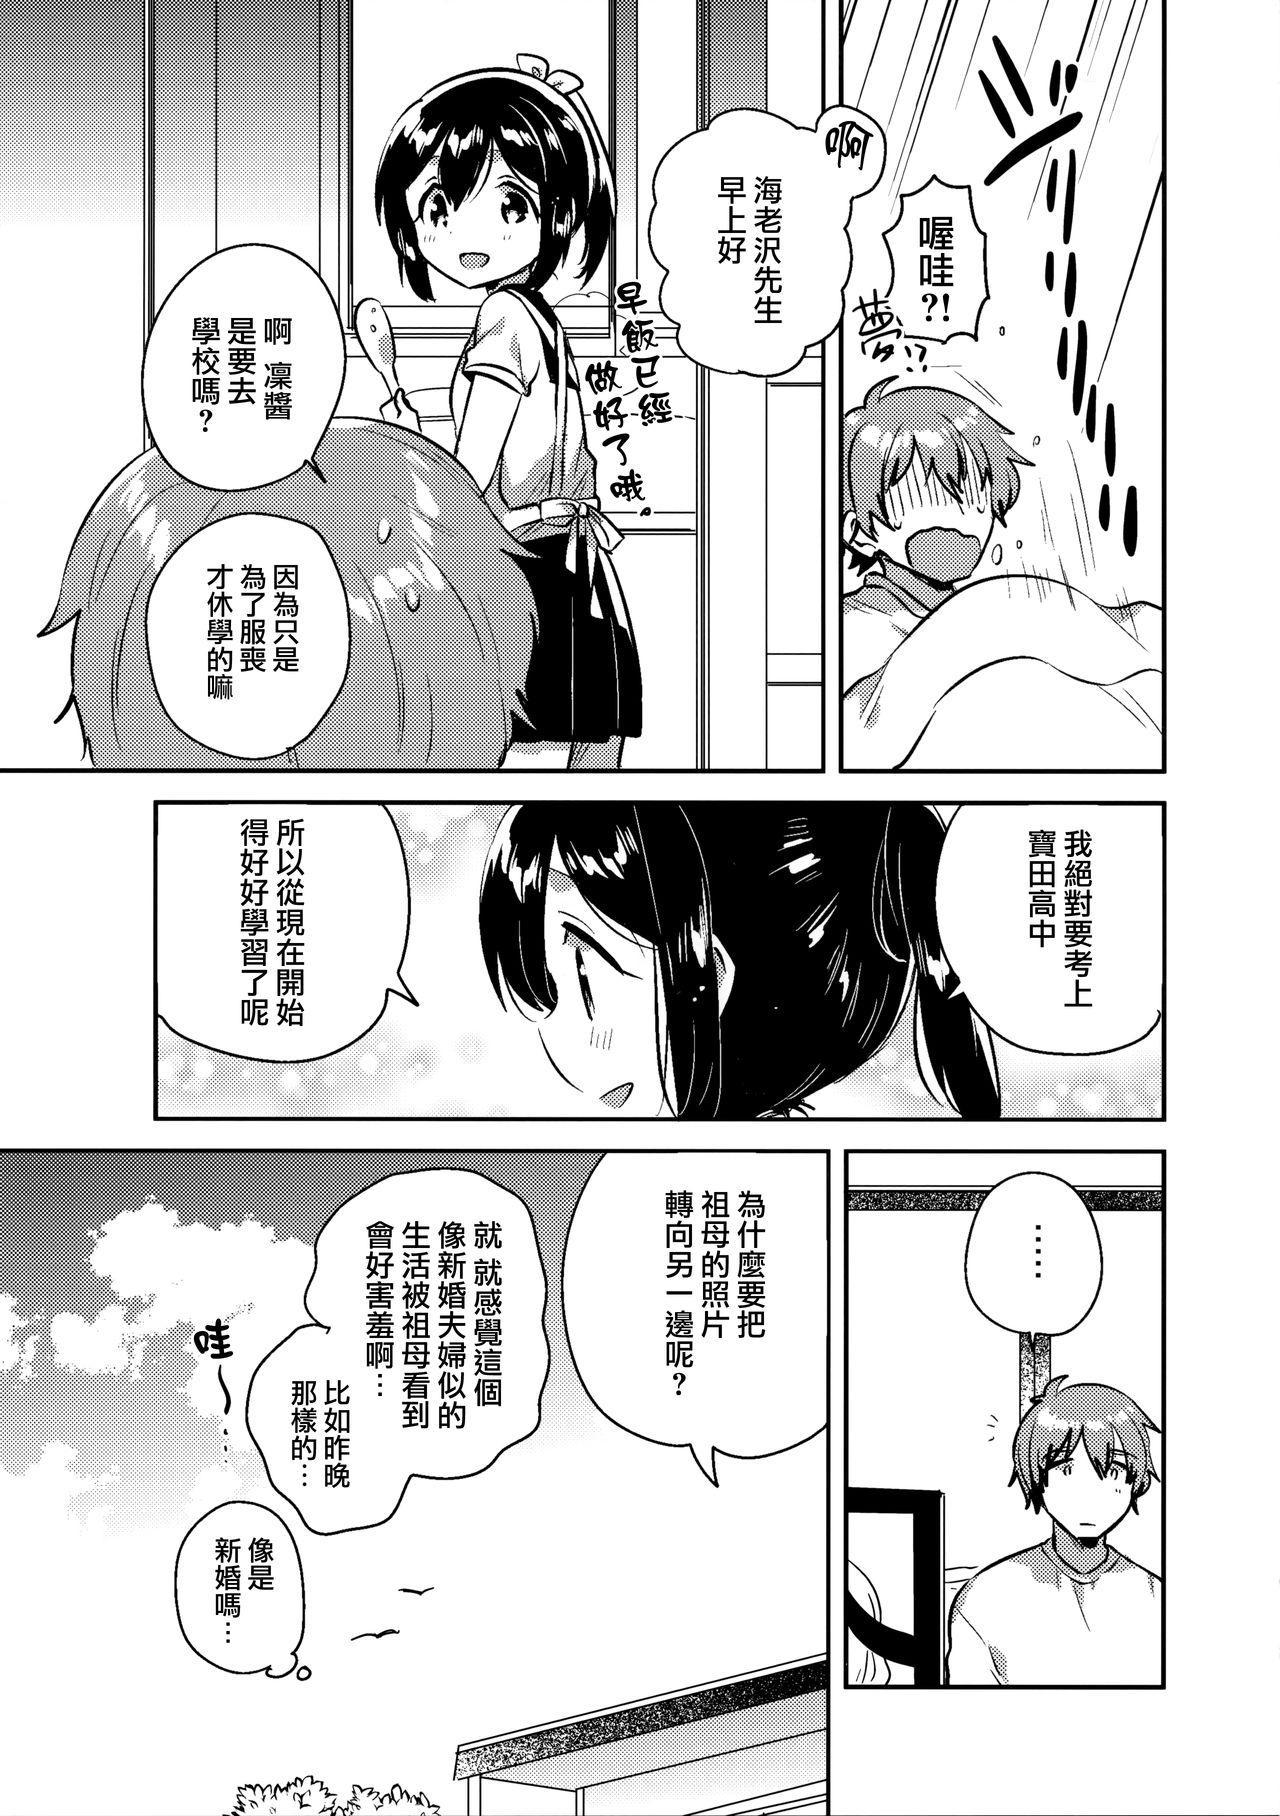 300 Manen Hoshii! + Kaijou Gentei Omakebon 40